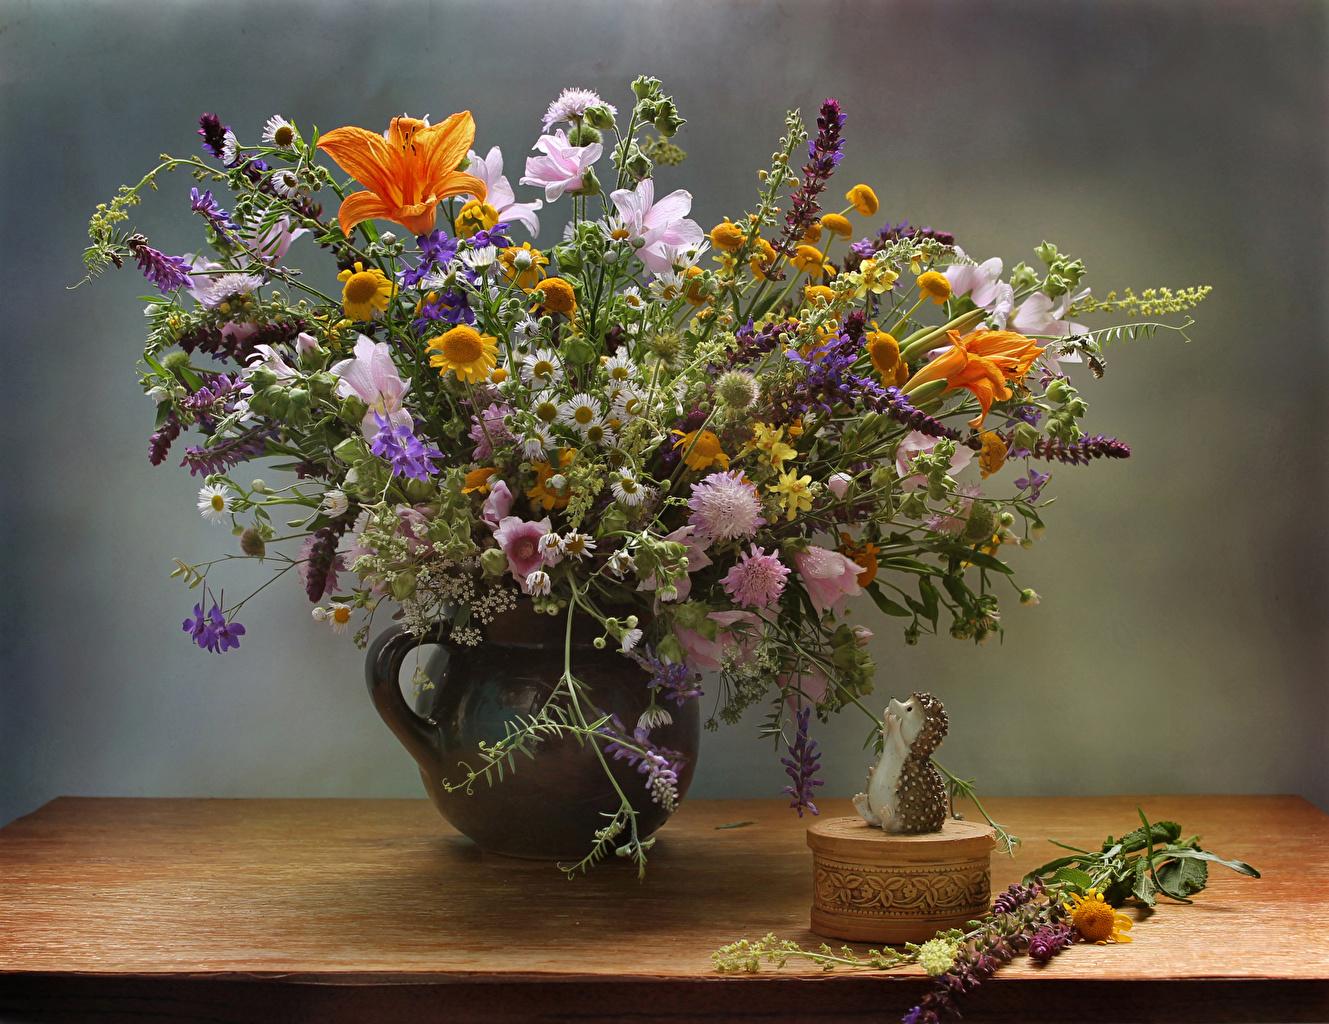 Фото Ежи букет цветок Ромашки вазы Ежики Букеты Цветы ромашка Ваза вазе